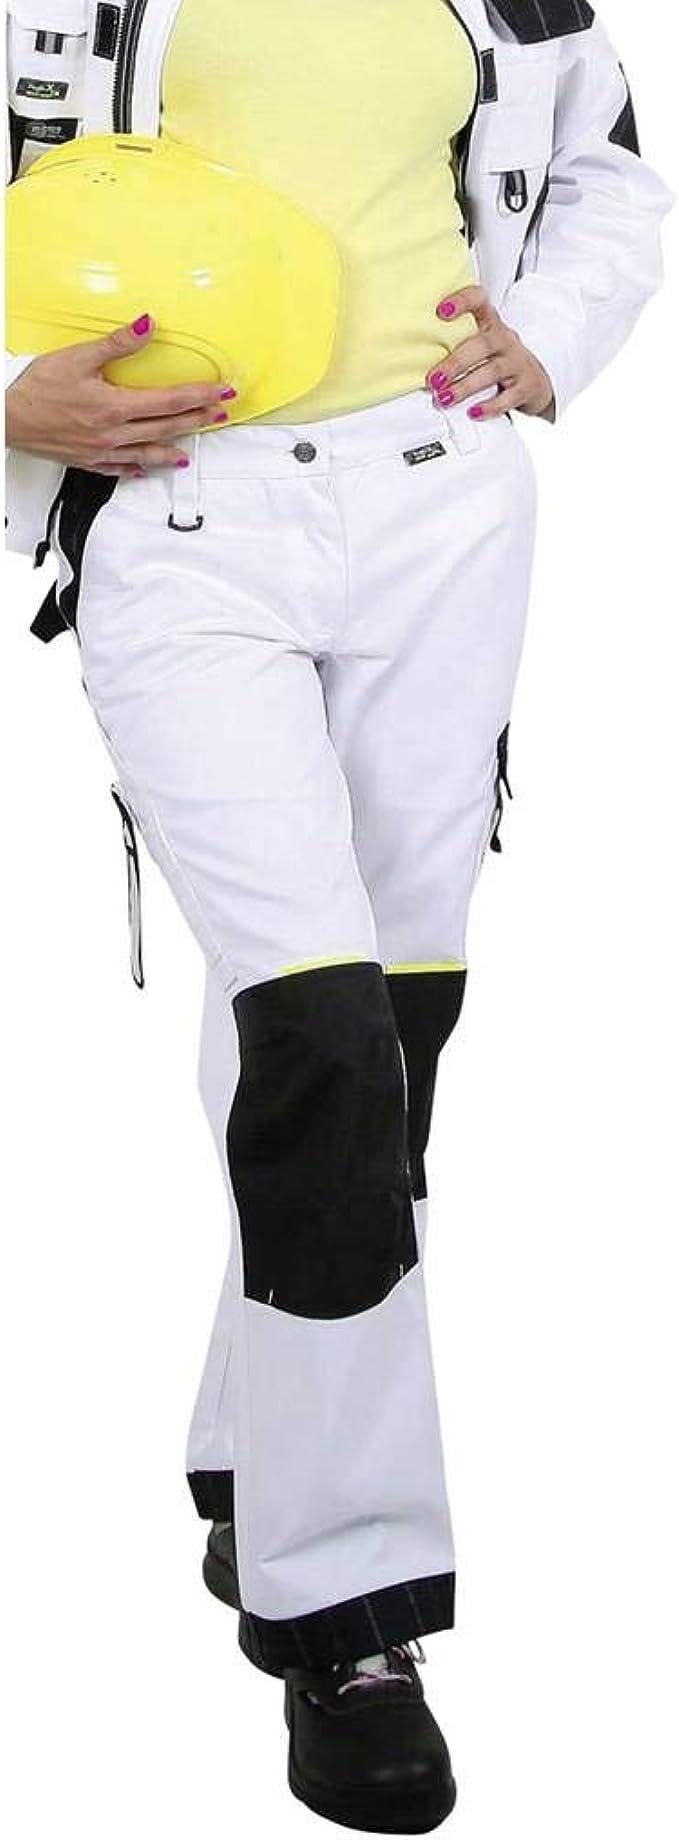 Bundhose sehr strapazierfähig 275g//qm weiß 36-44 Damen Arbeitshose Gr